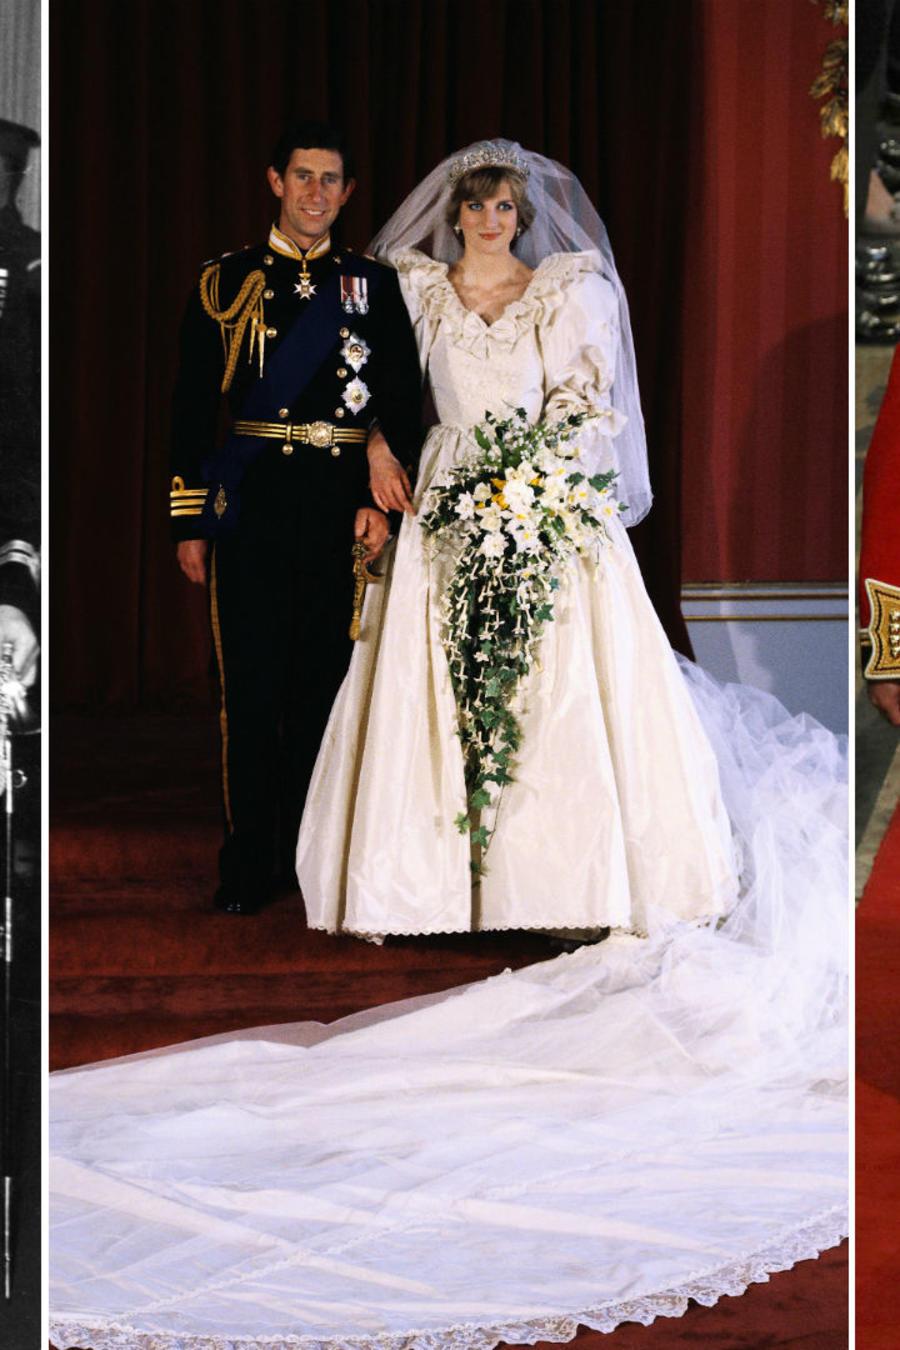 Collage novias de la realeza británica